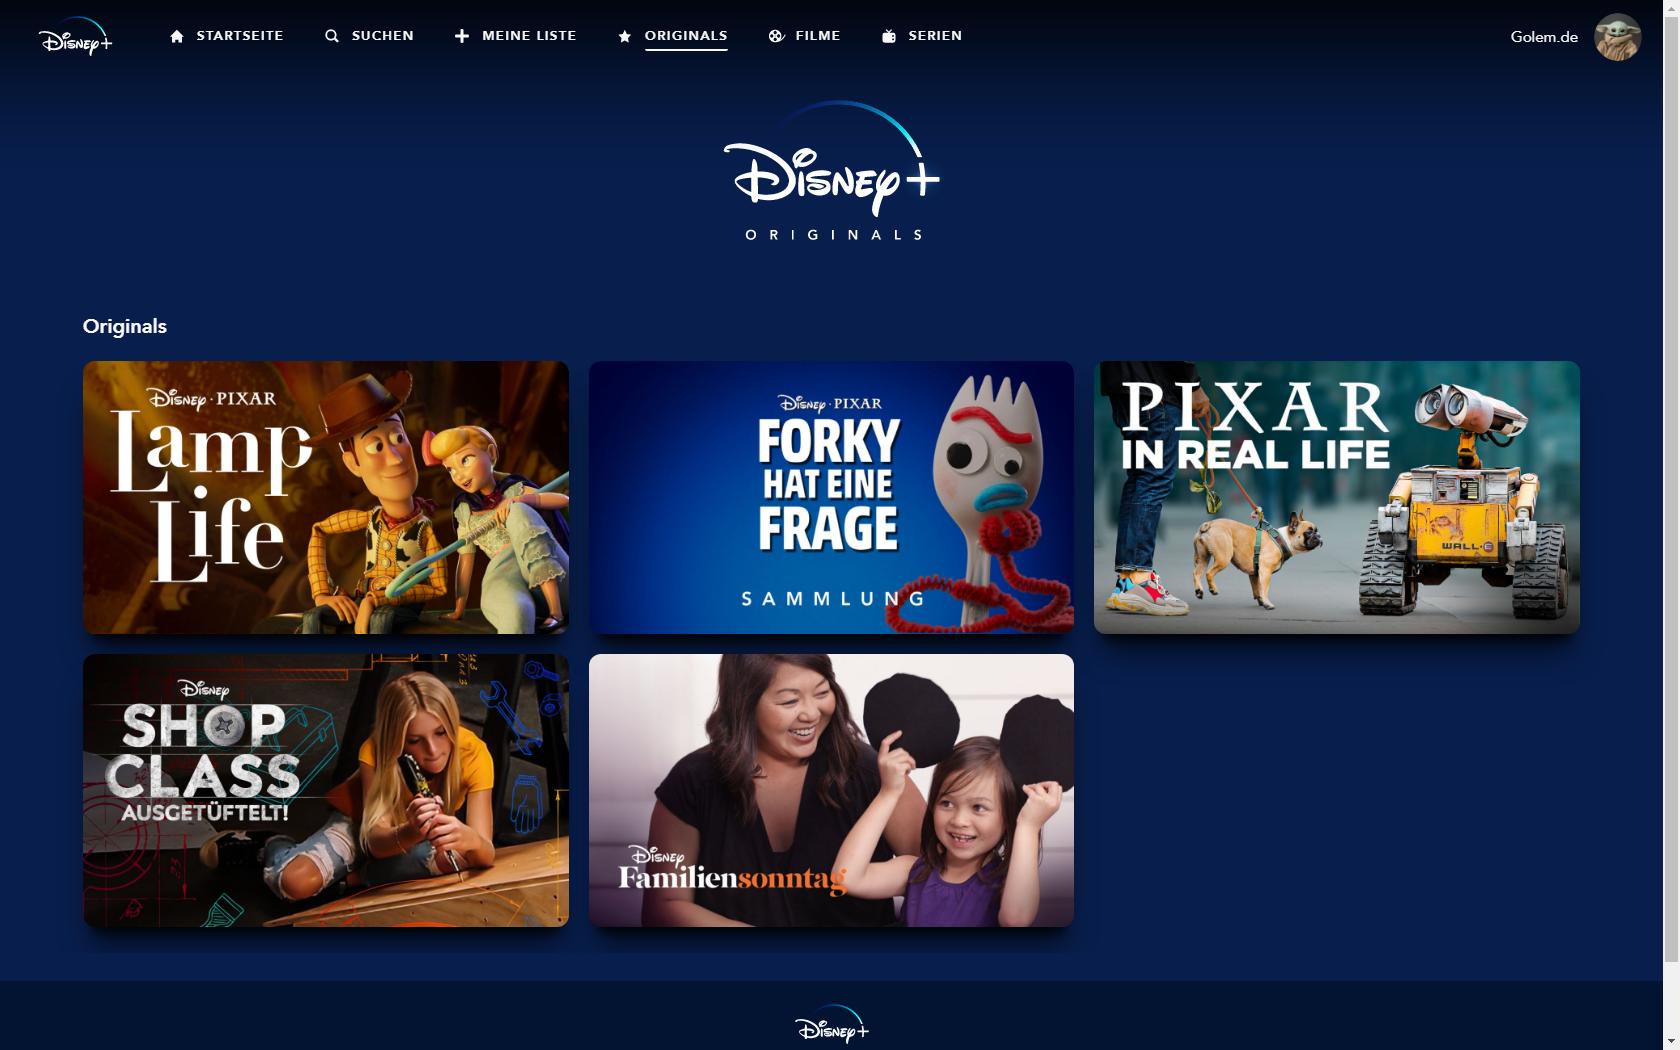 Konkurrenz für Netflix und Prime Video: Disney nennt Filme und Serien für Disney+ in Deutschland - Originals von Disney+ mit Kinderprofil (Bild: Disney+/Screenshot: Golem.de)